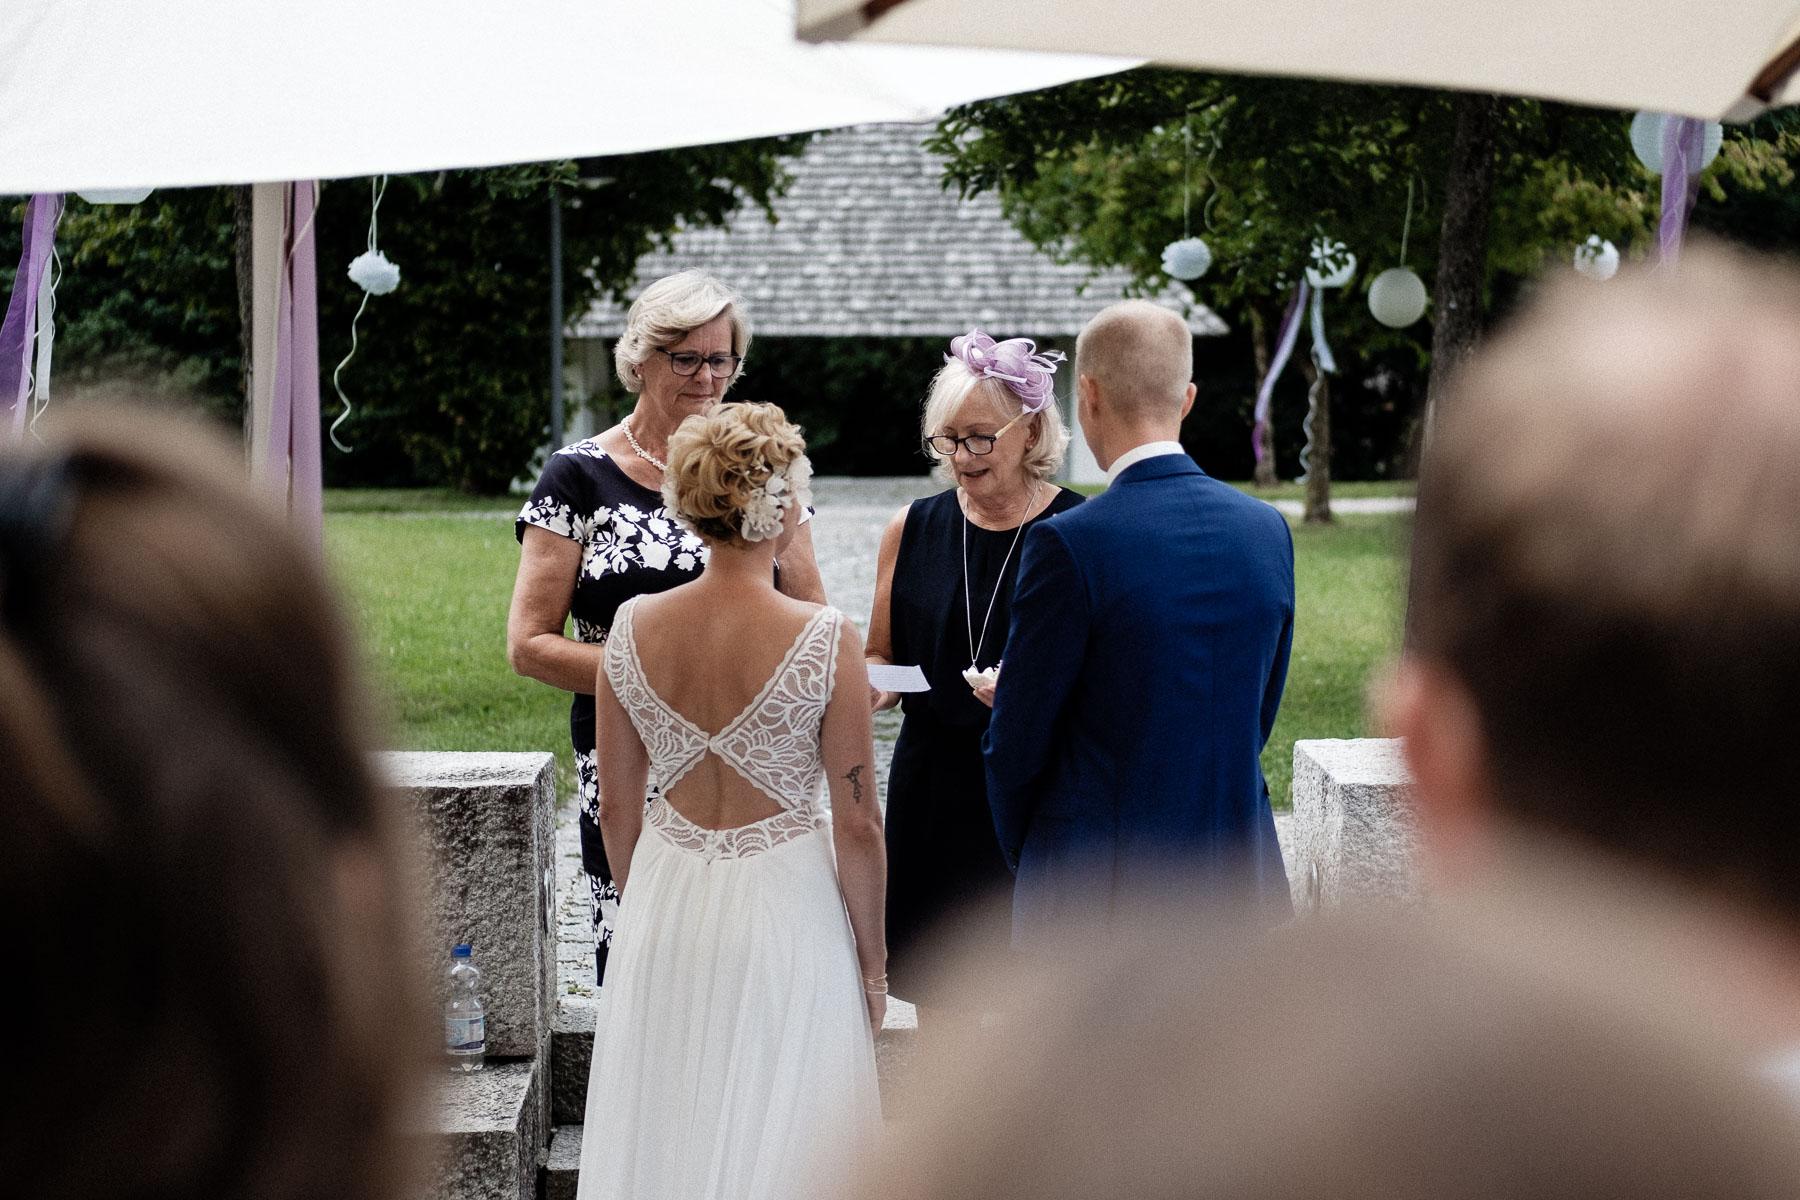 MartinLiebl_Hochzeitsfotograf_LCL_II_Blog_32.jpg